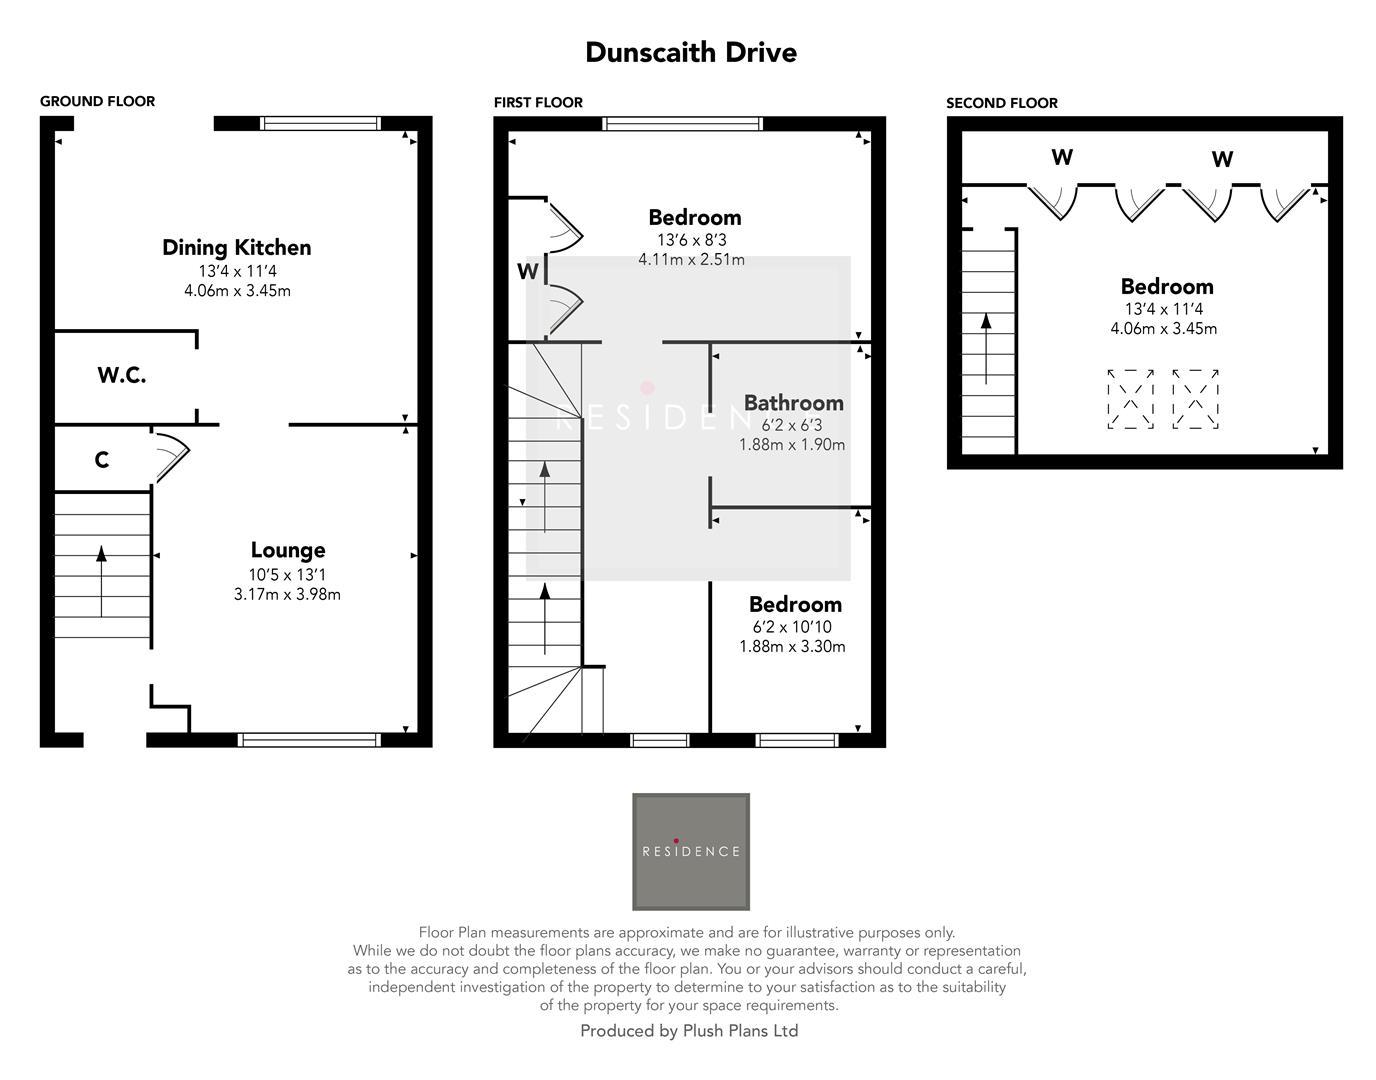 Dunscaith Drive_fp2.jpg